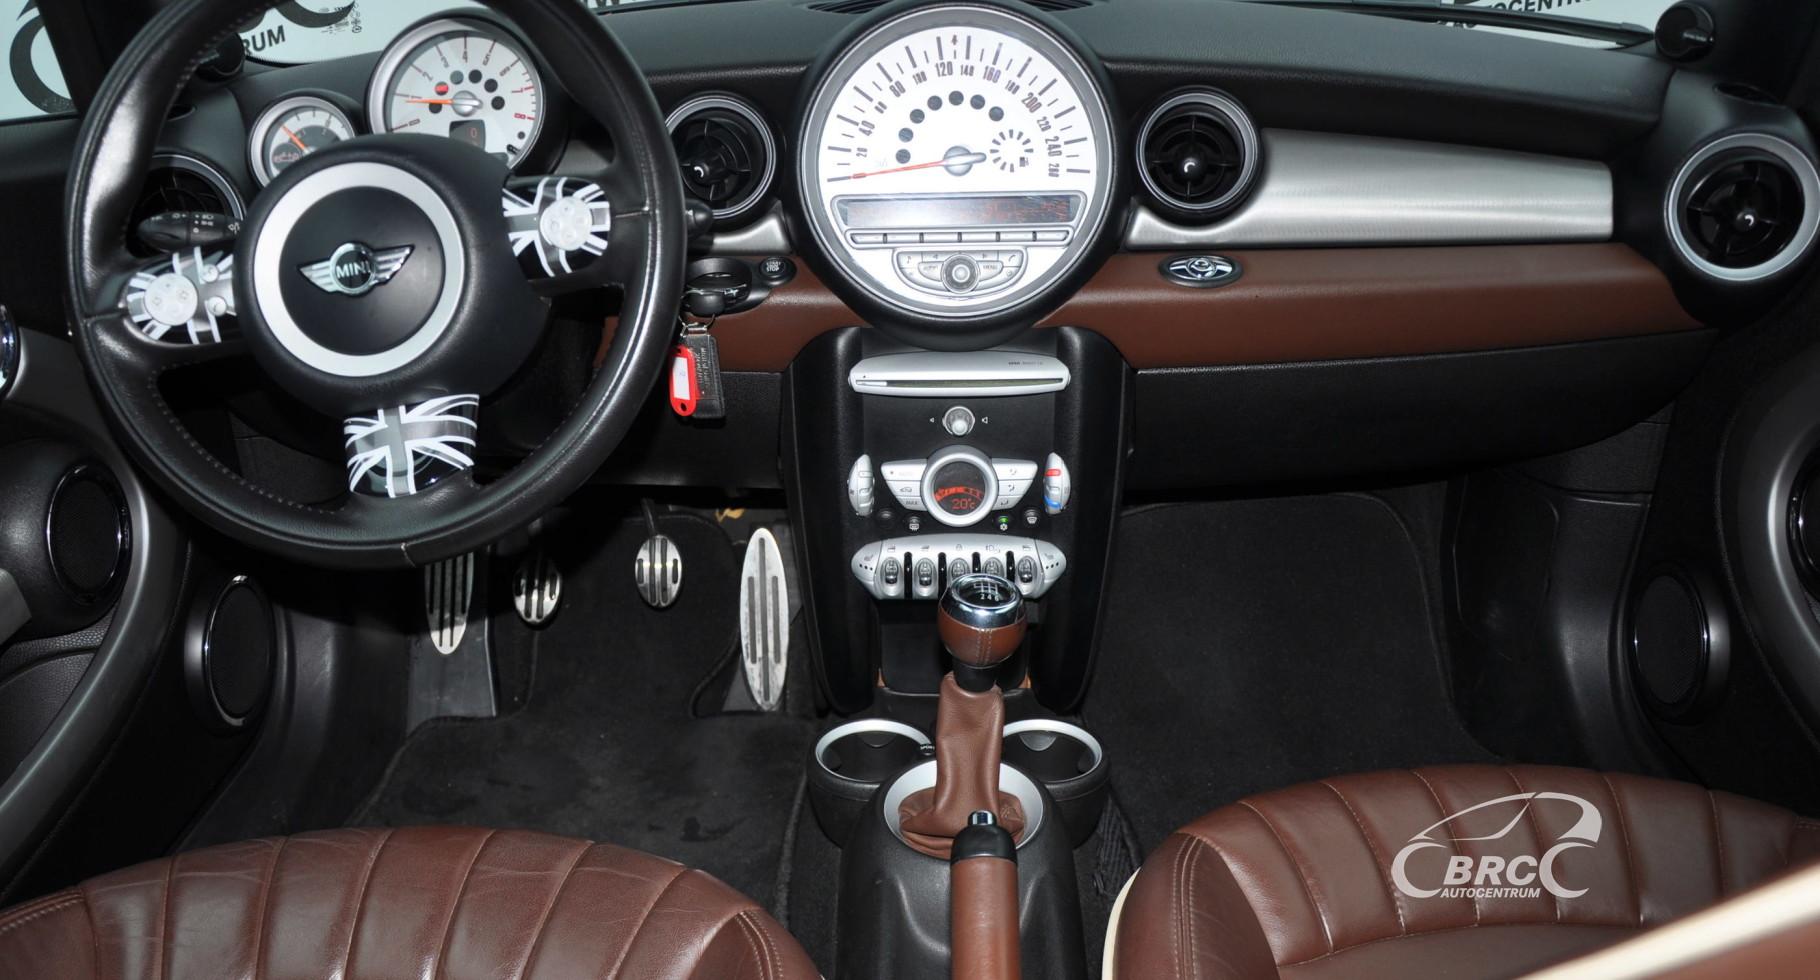 Mini Cooper S Cabrio 1.6i 16V Turbo